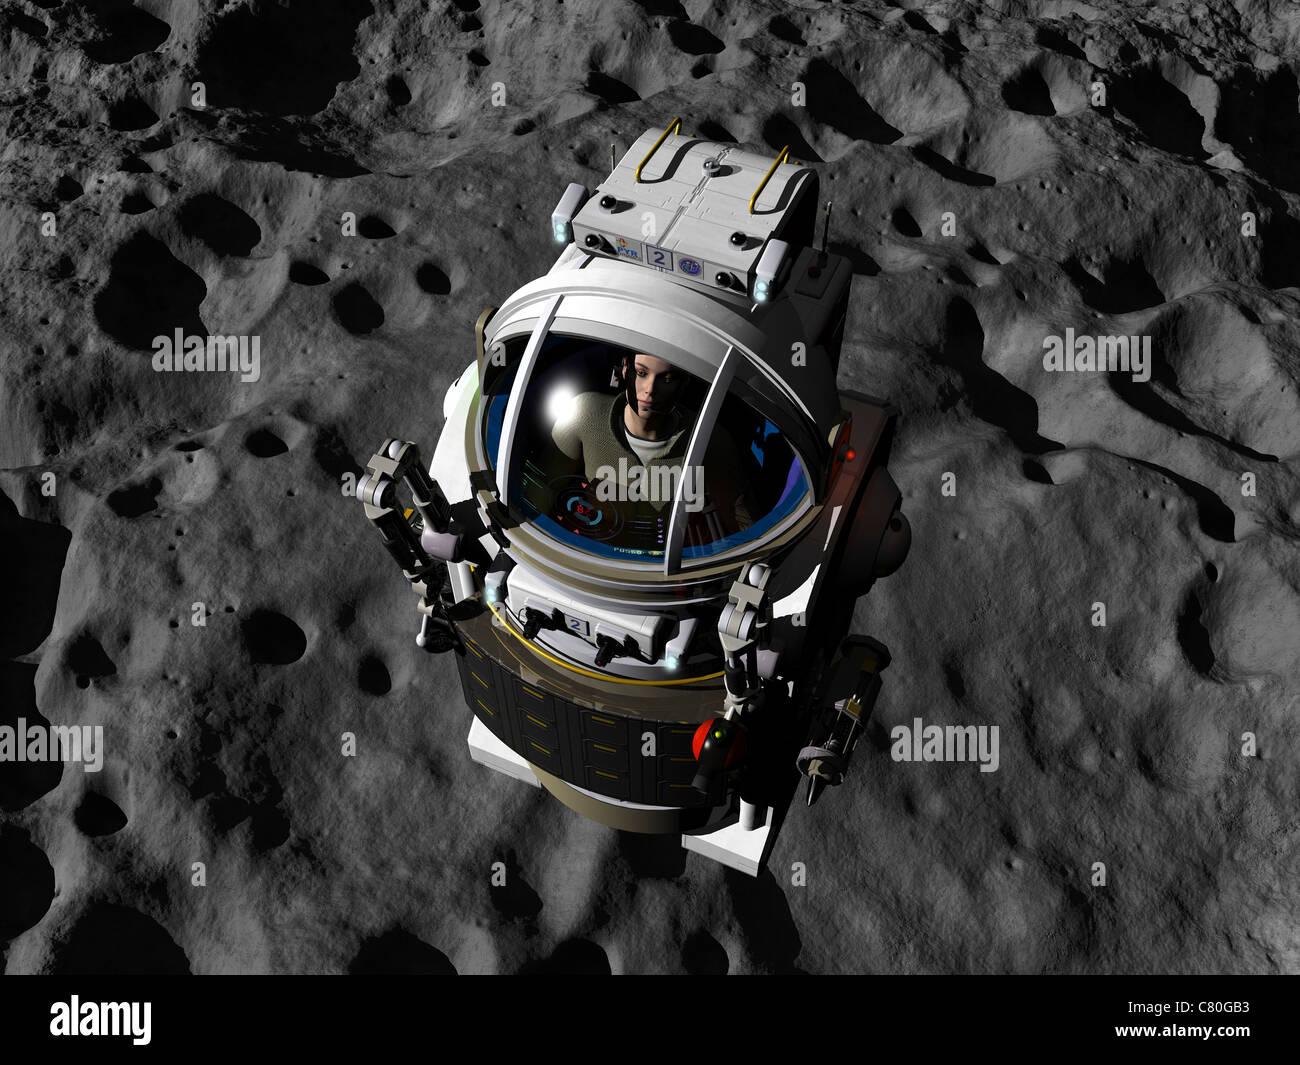 Un astronauta pilotare un presidiato di manovrare il veicolo al di sopra della superficie di un asteroide. Immagini Stock